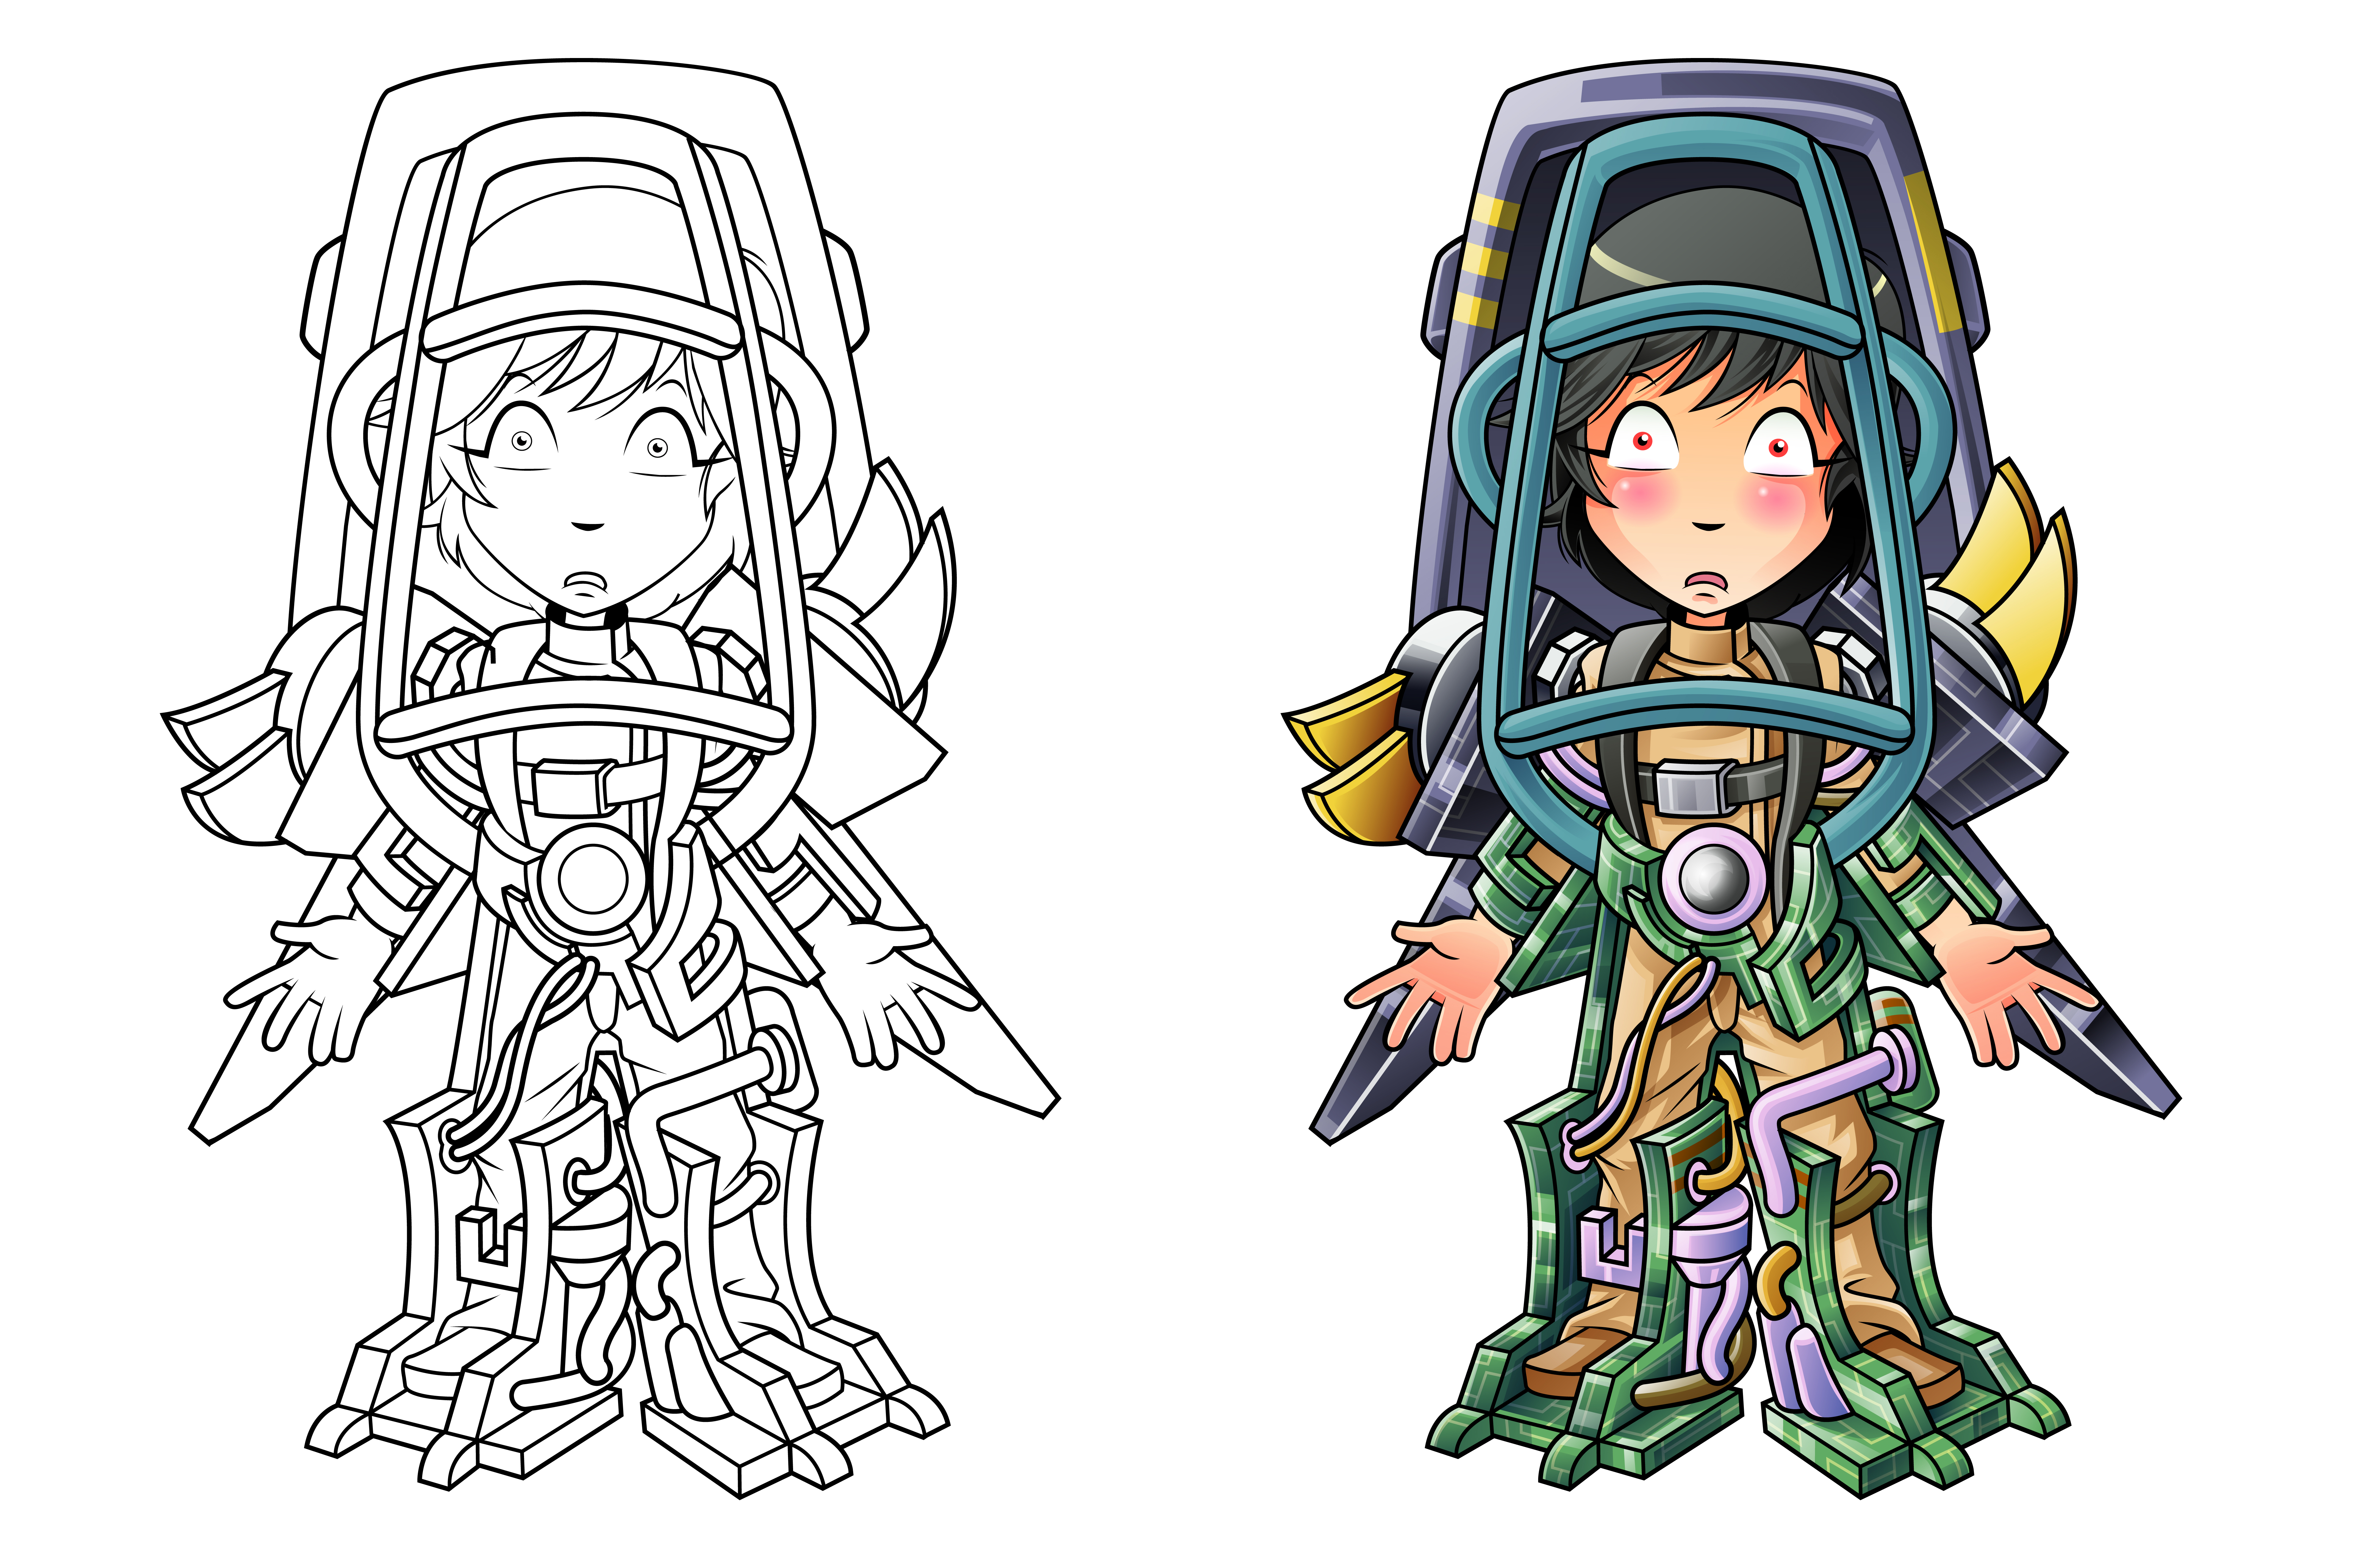 Coloriage De Dessin Anime Homme Robot Pour Les Enfants Telecharger Vectoriel Gratuit Clipart Graphique Vecteur Dessins Et Pictogramme Gratuit